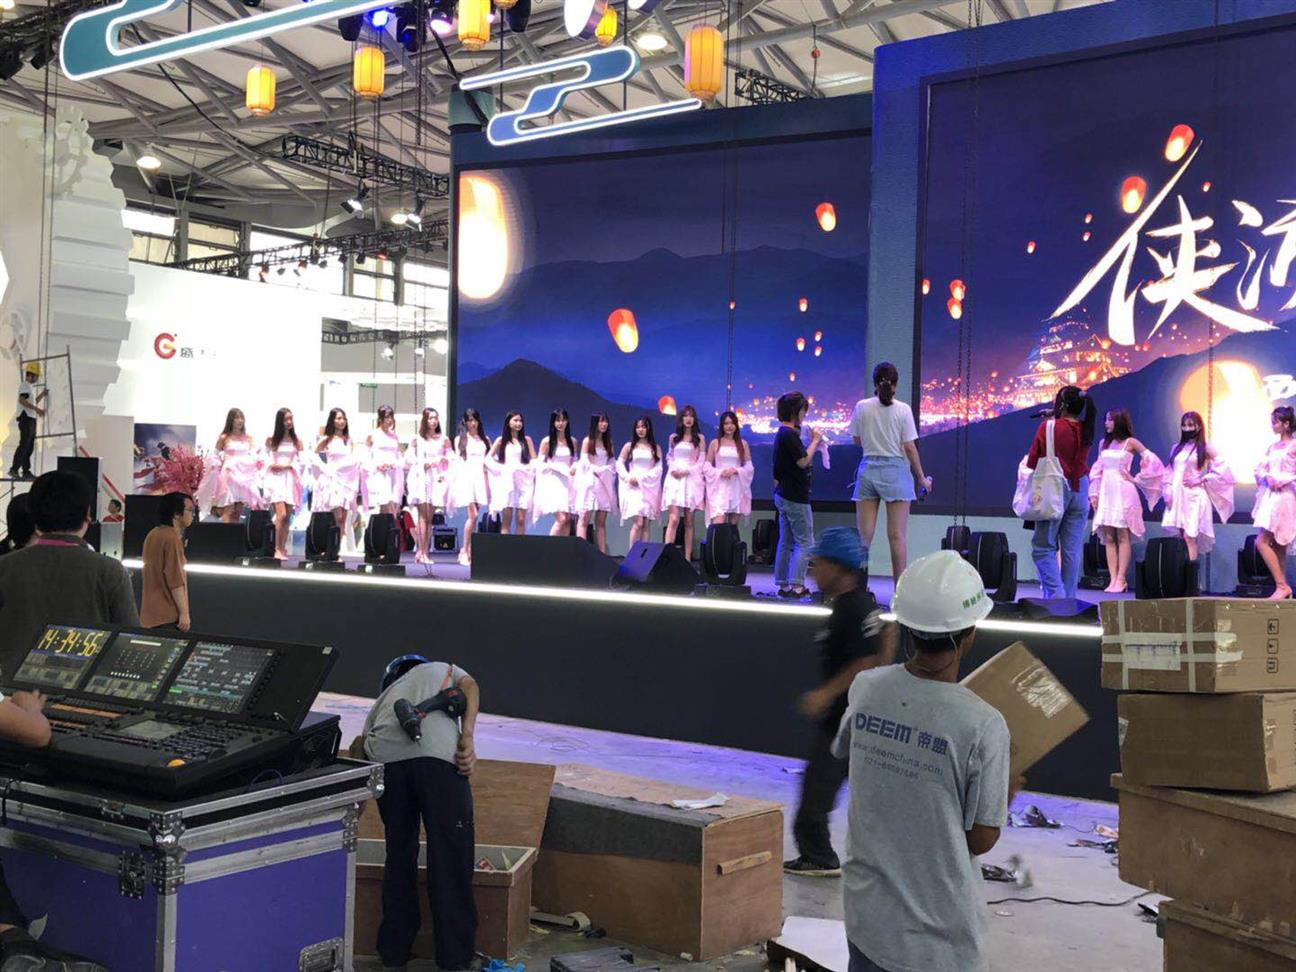 安徽P3屏幕灯光音响